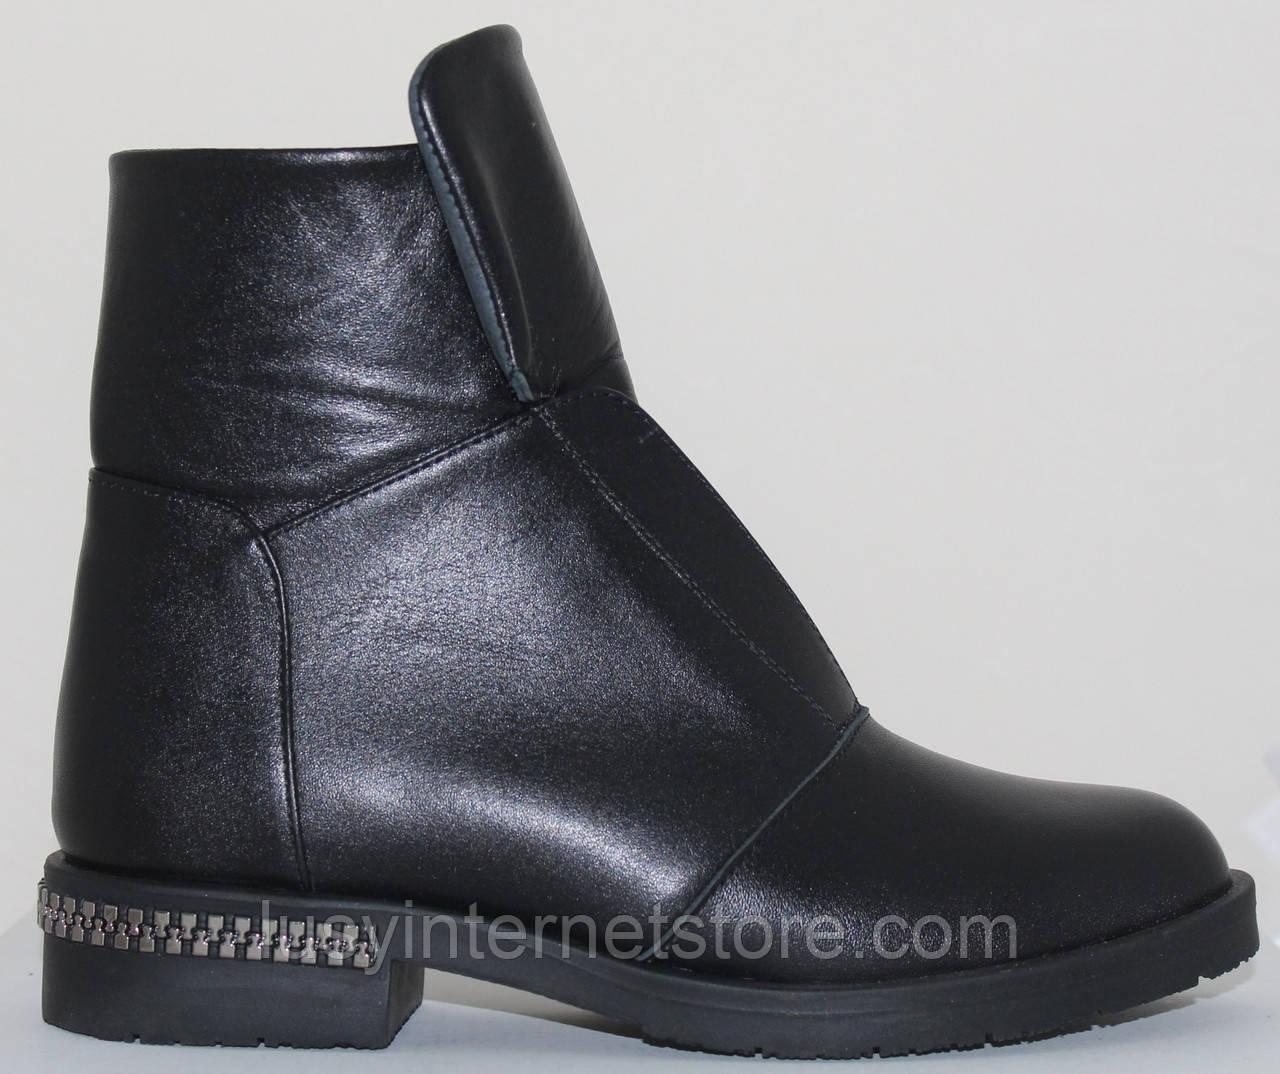 Ботинки женские зимние кожаные на низком каблуке от производителя модель СВ869